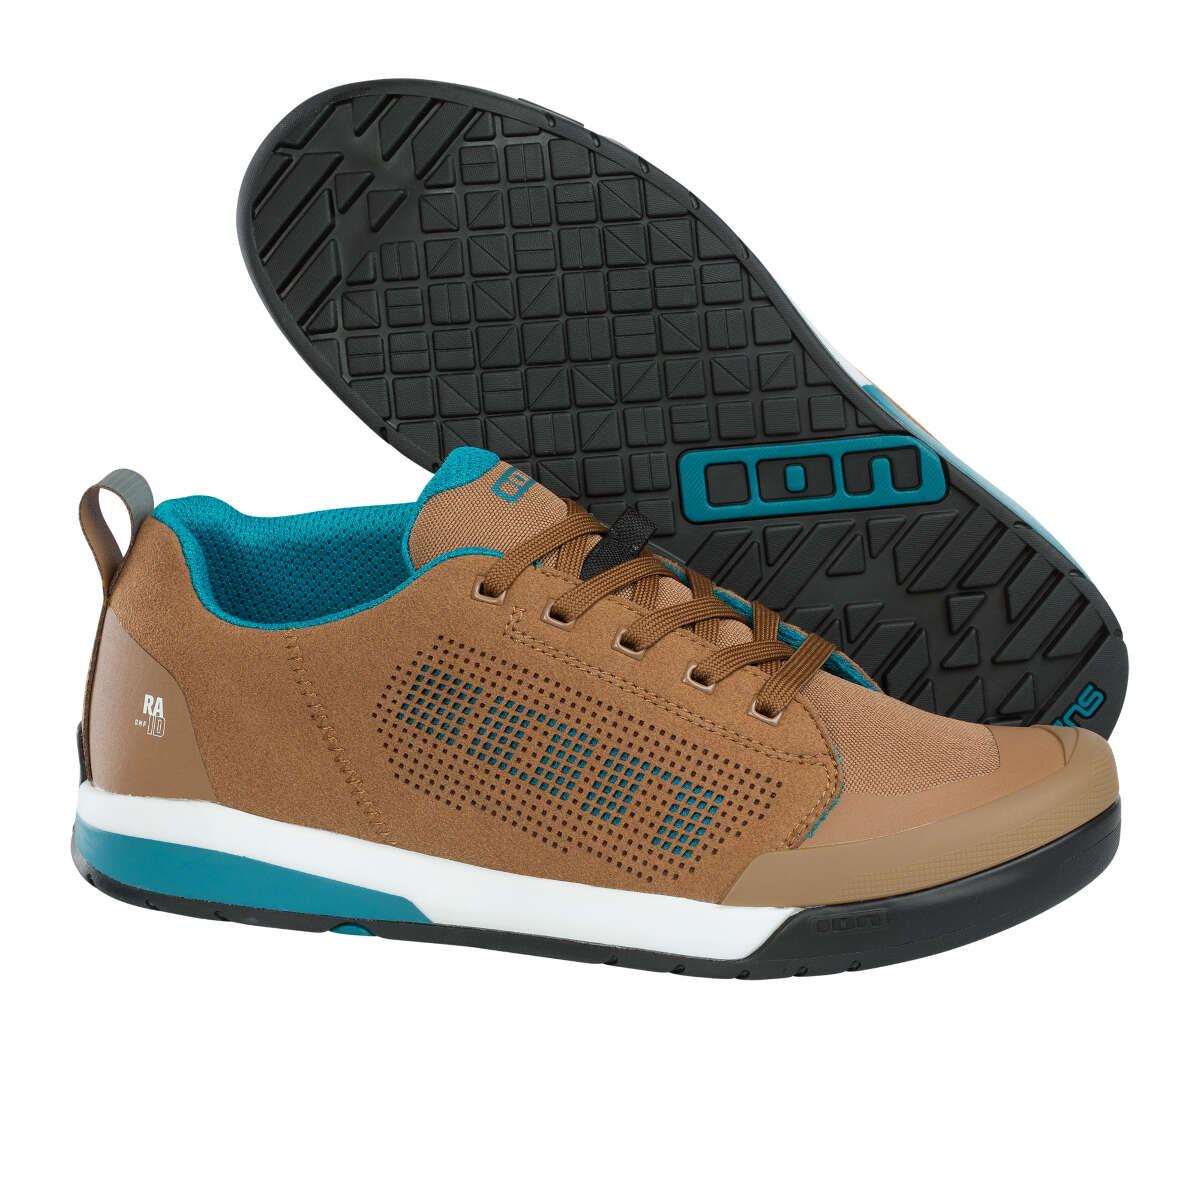 ION MTB Schuhe Raid_Amp Single Malt